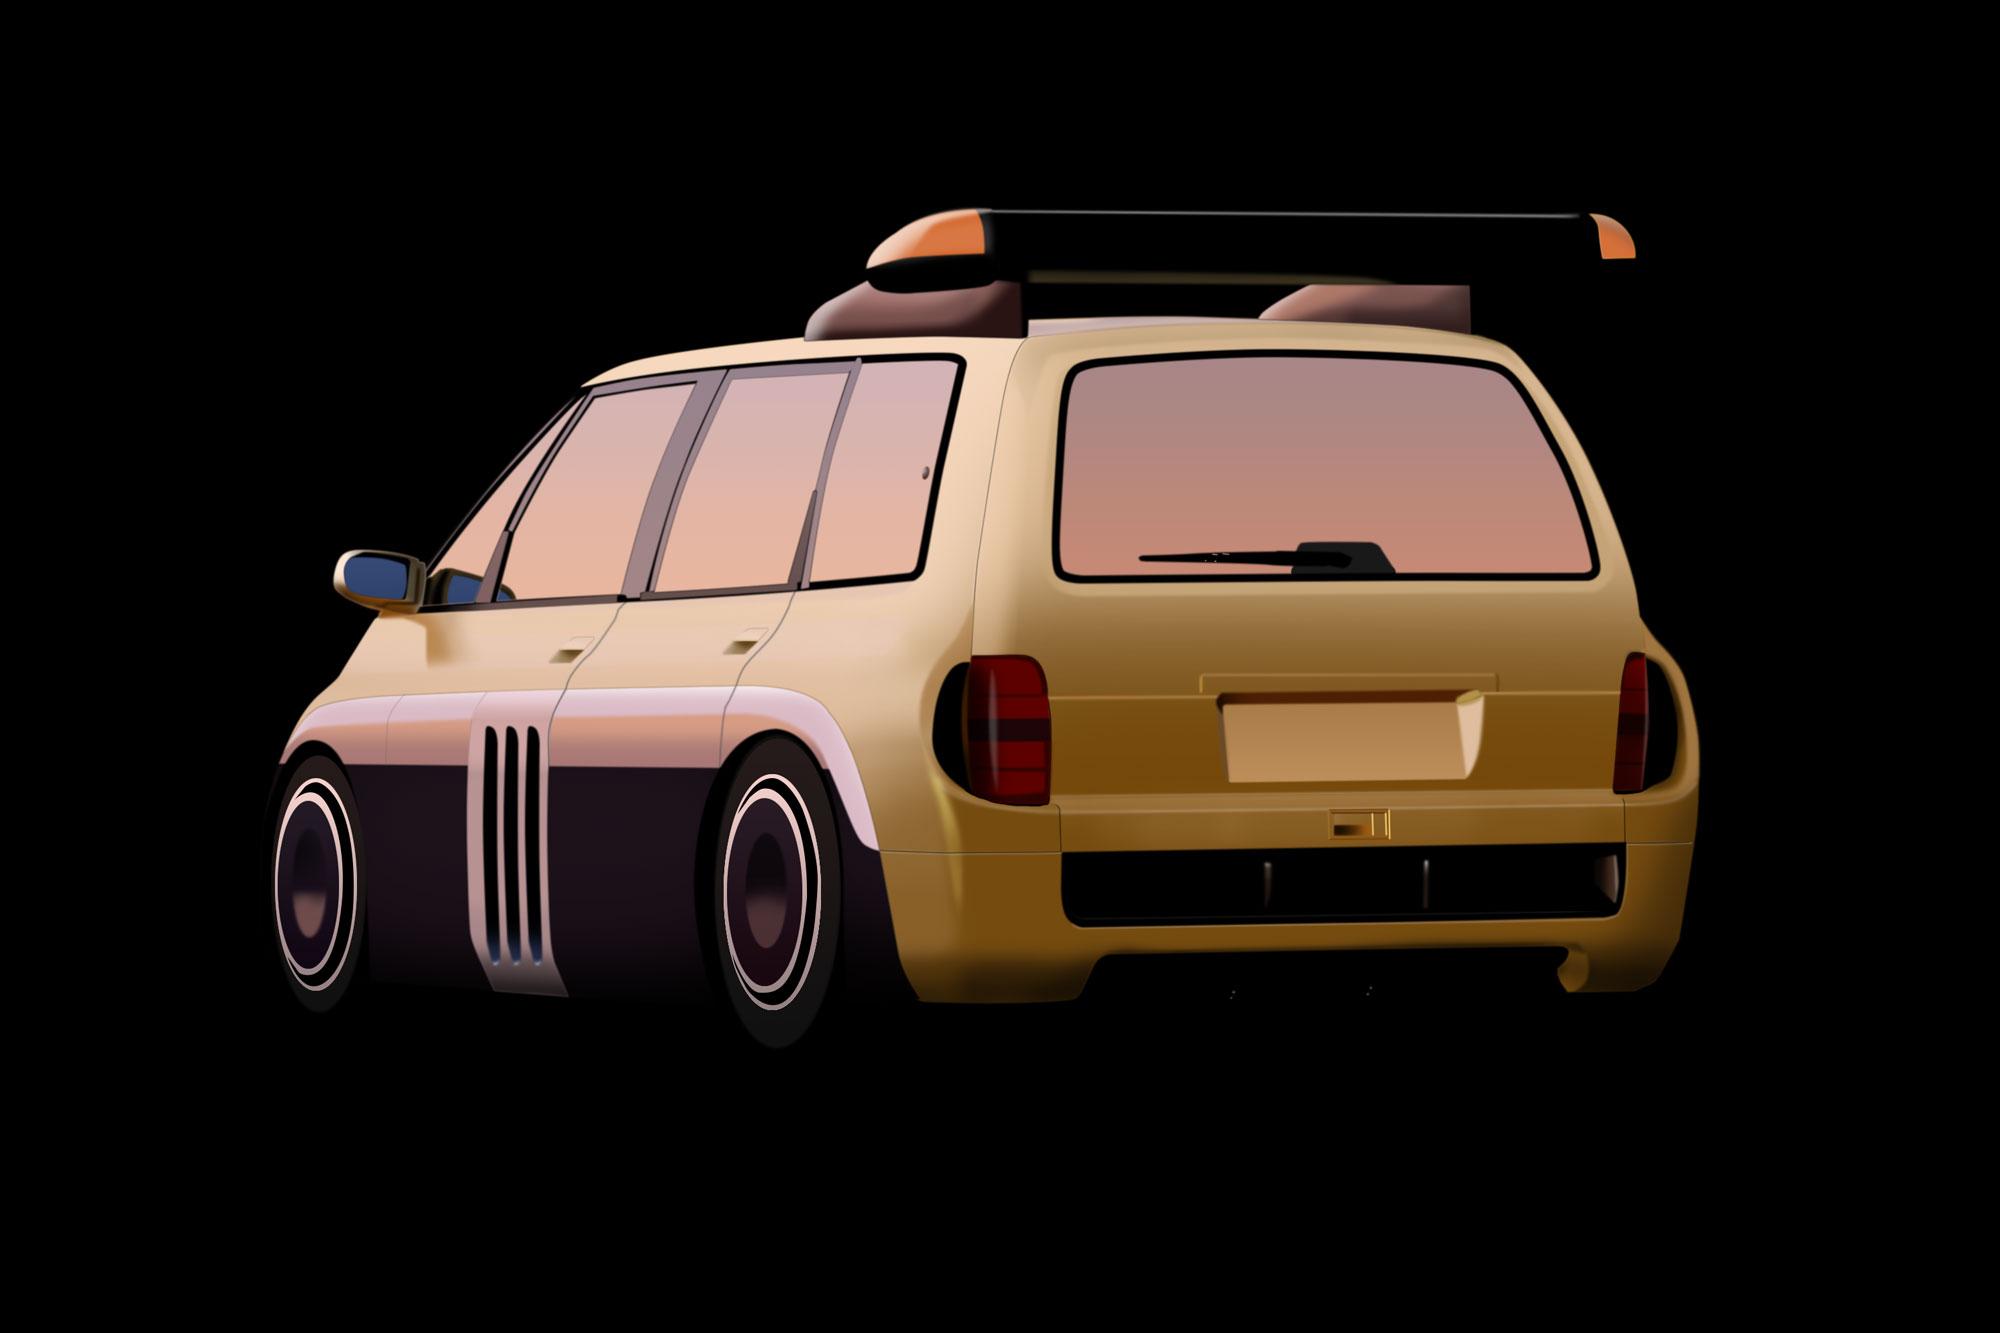 Renault Espace F1 - virtual-tuning.de - #vtstegofo